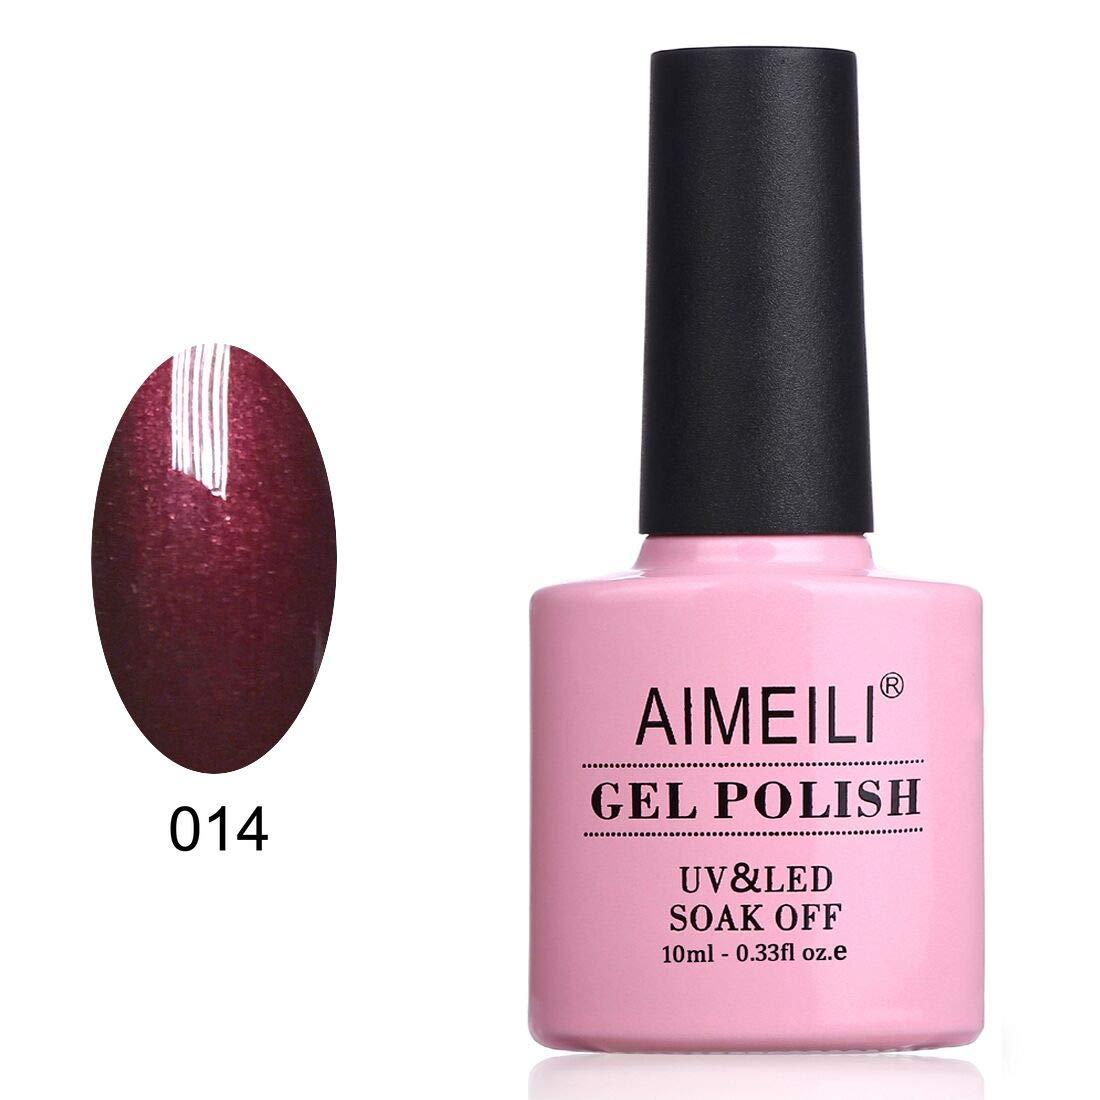 AIMEILI Soak Off UV LED Gel Nail Polish - Dark Lava (014) 10ml